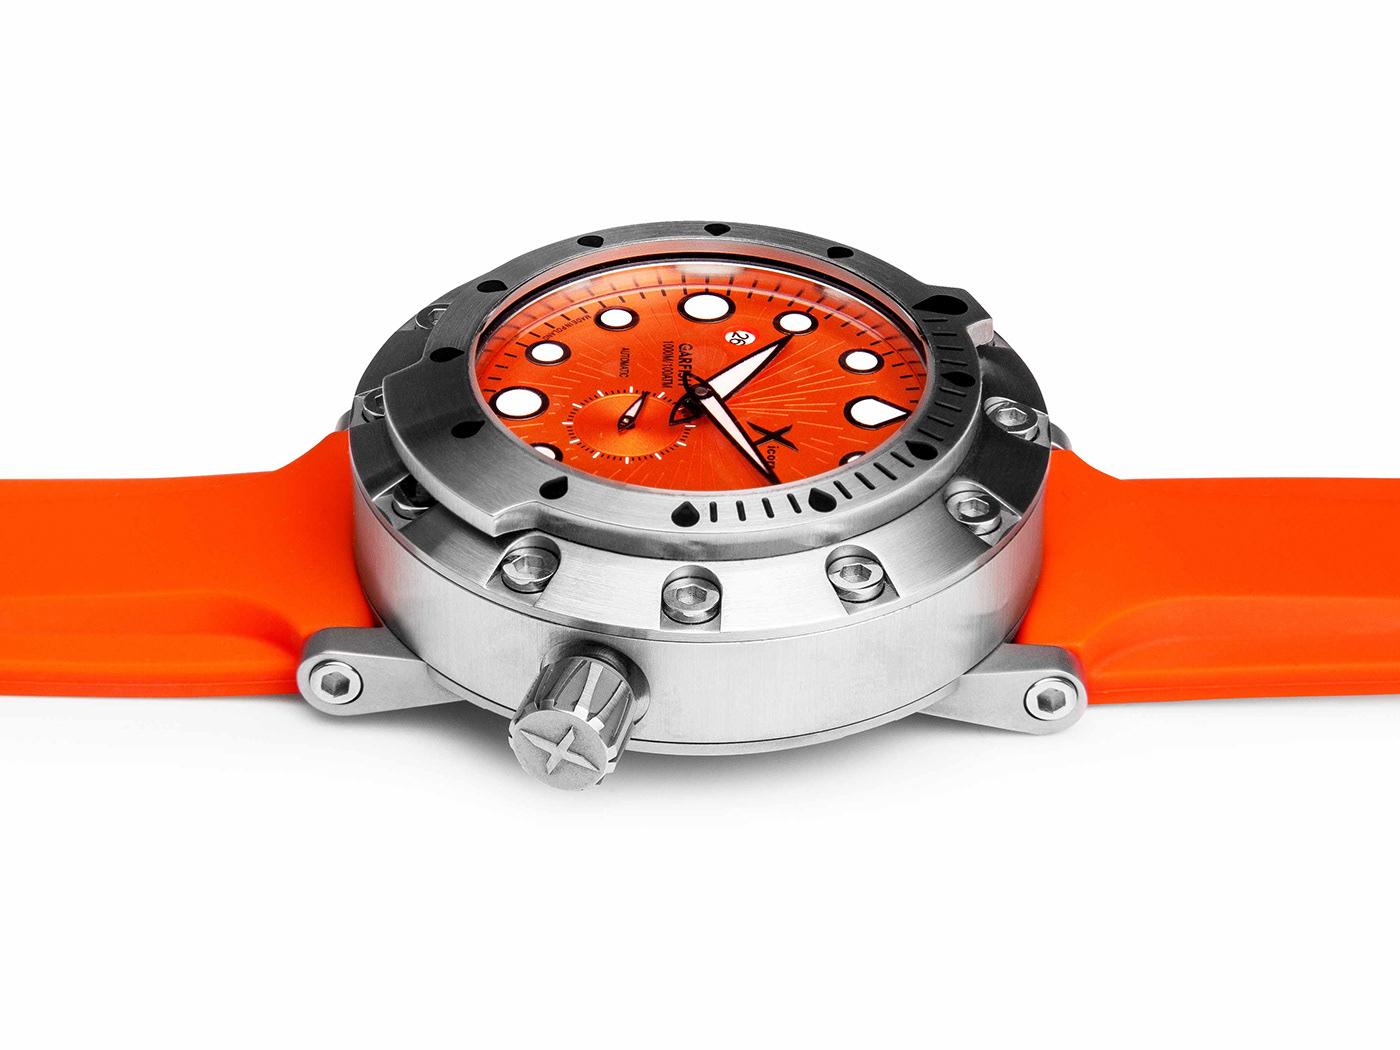 2sympleks design Garfish scuba diving watch diving diver sea snorkeling